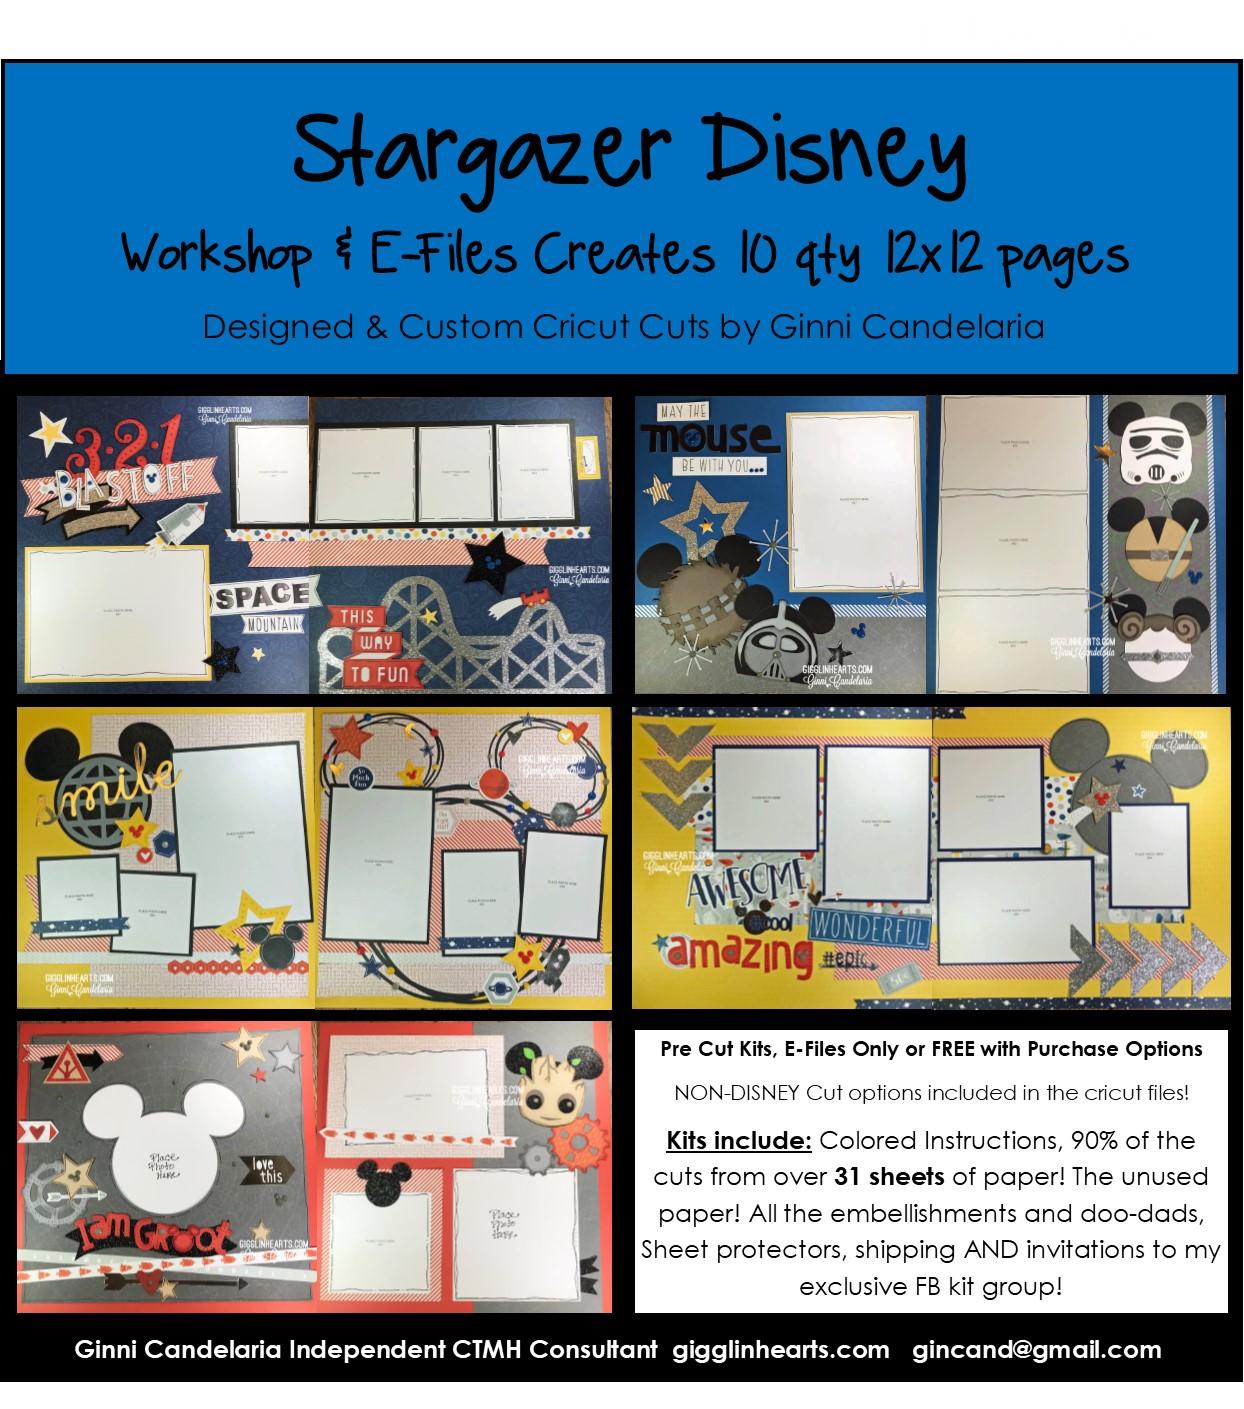 Stargazer Disney